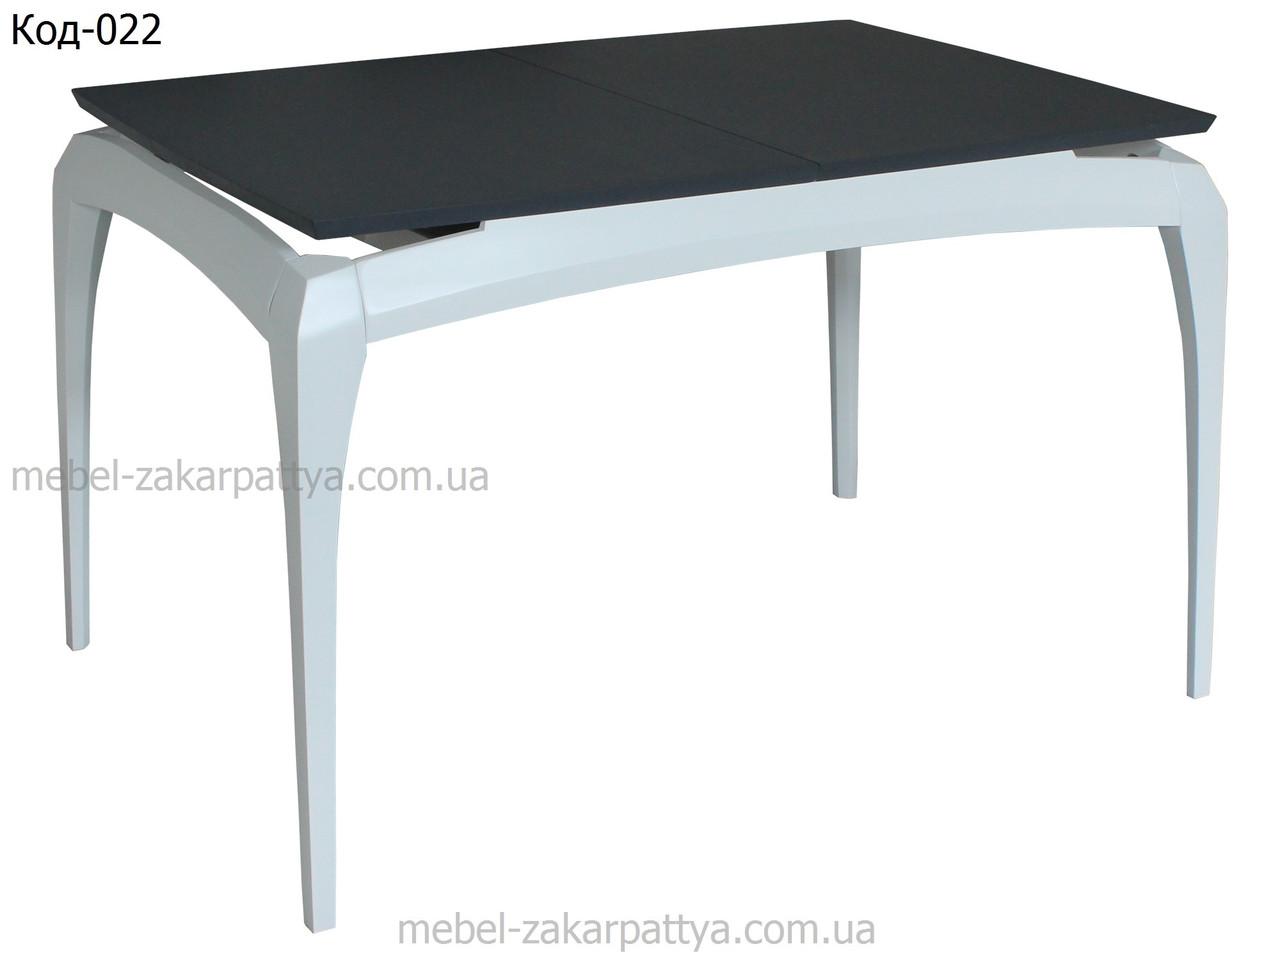 Стол деревянный раскладной  Код-022